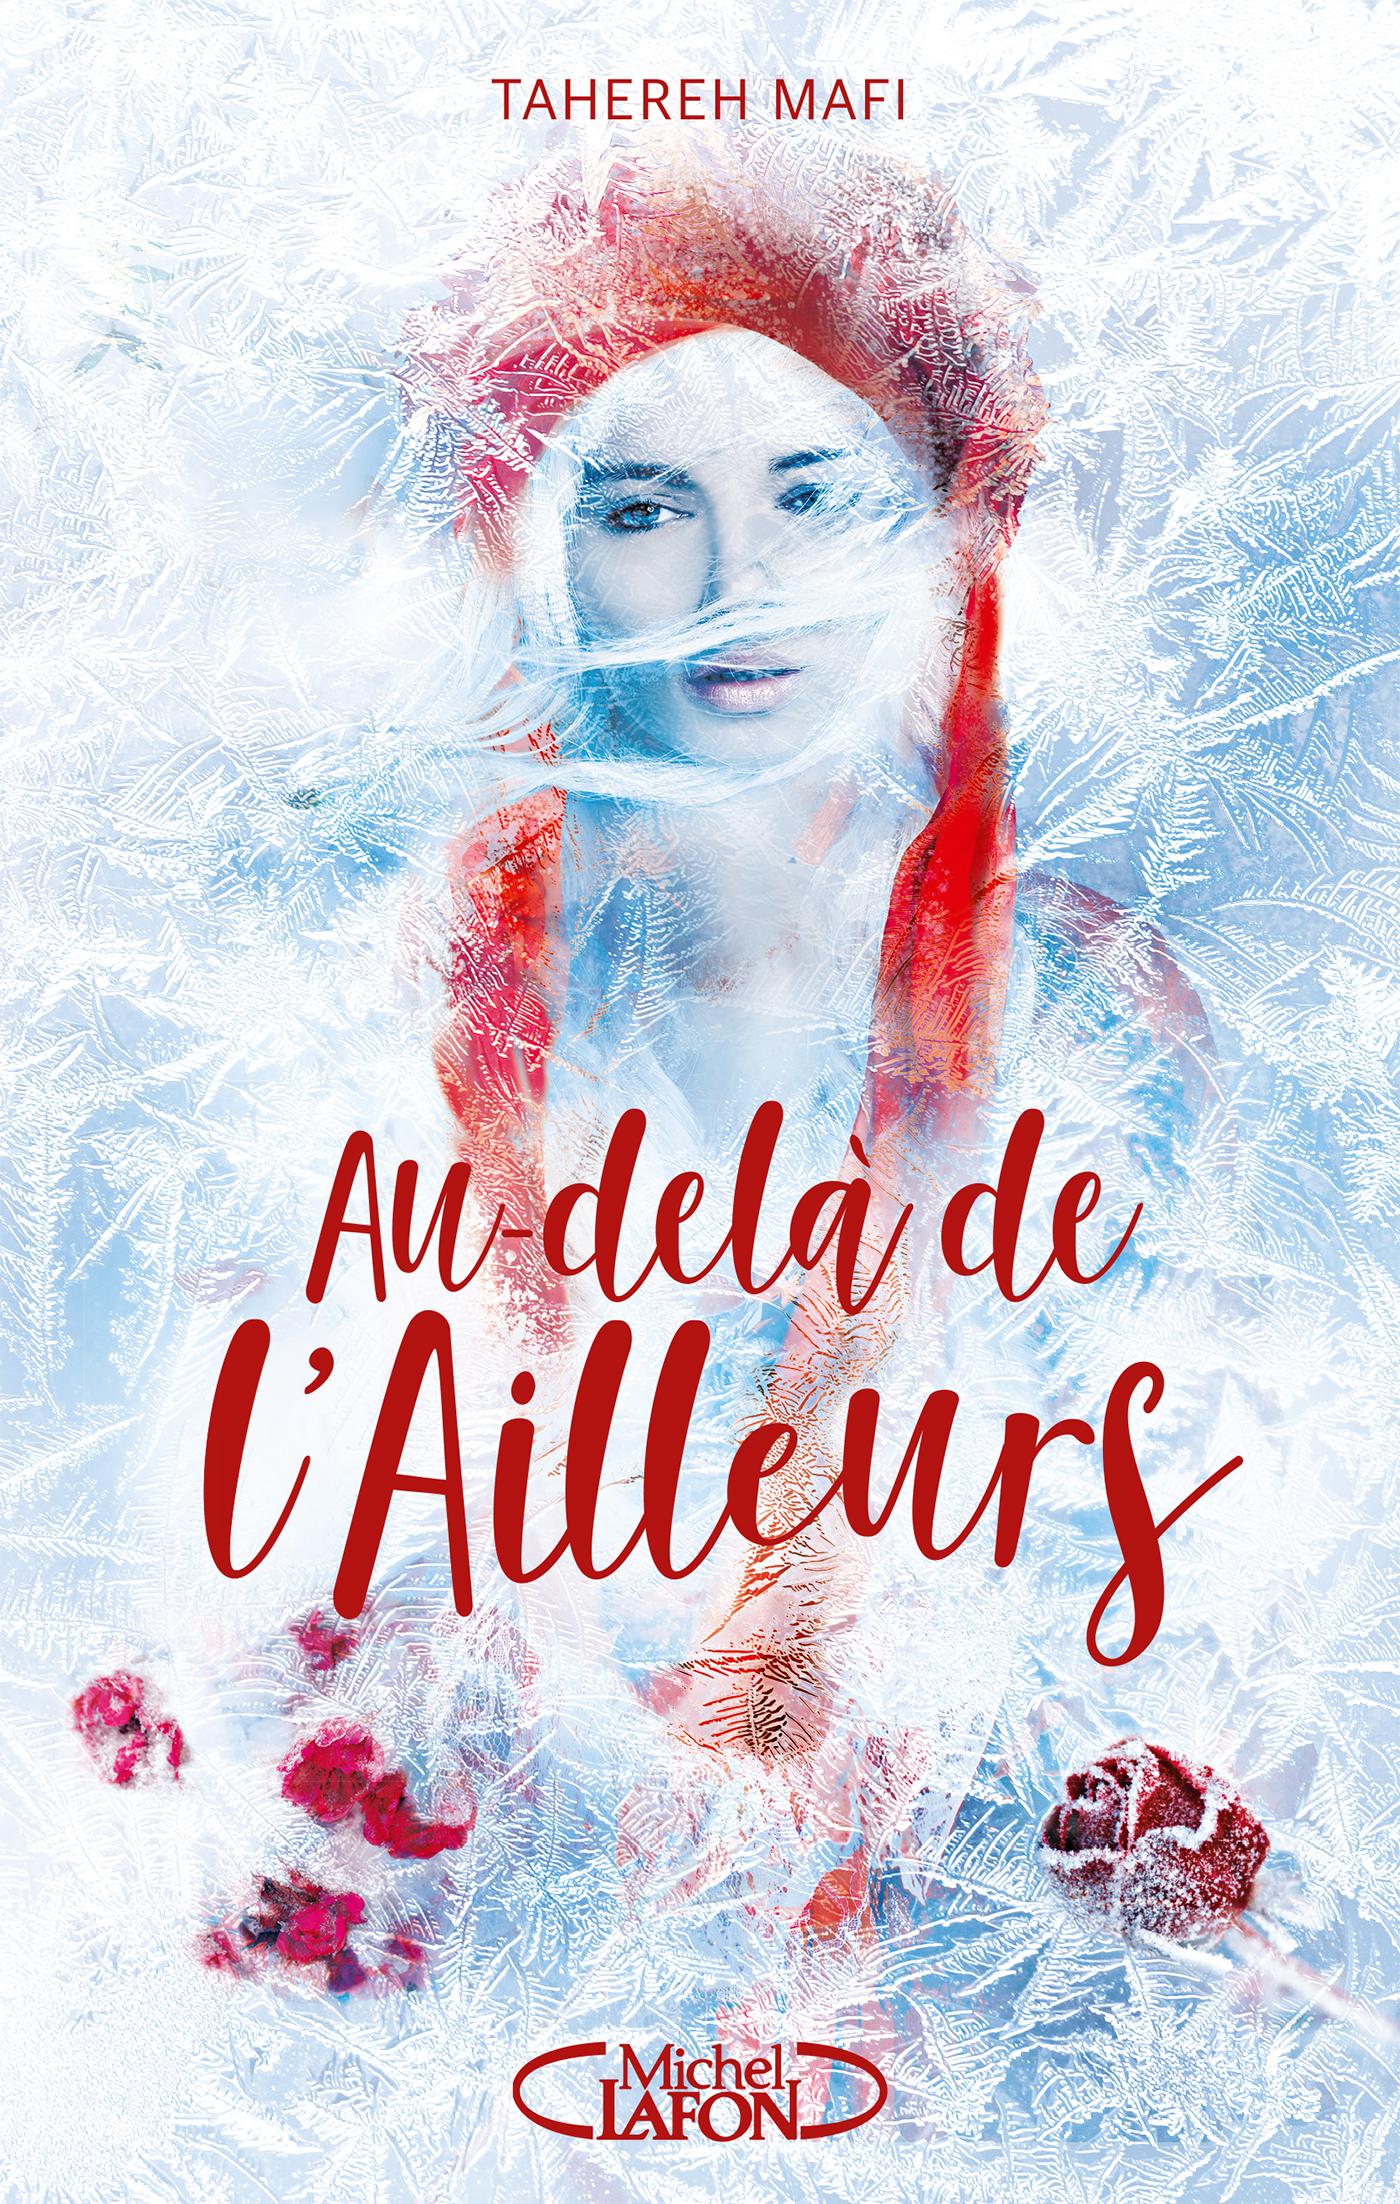 AU-DELÀ DE L'AILLEURS